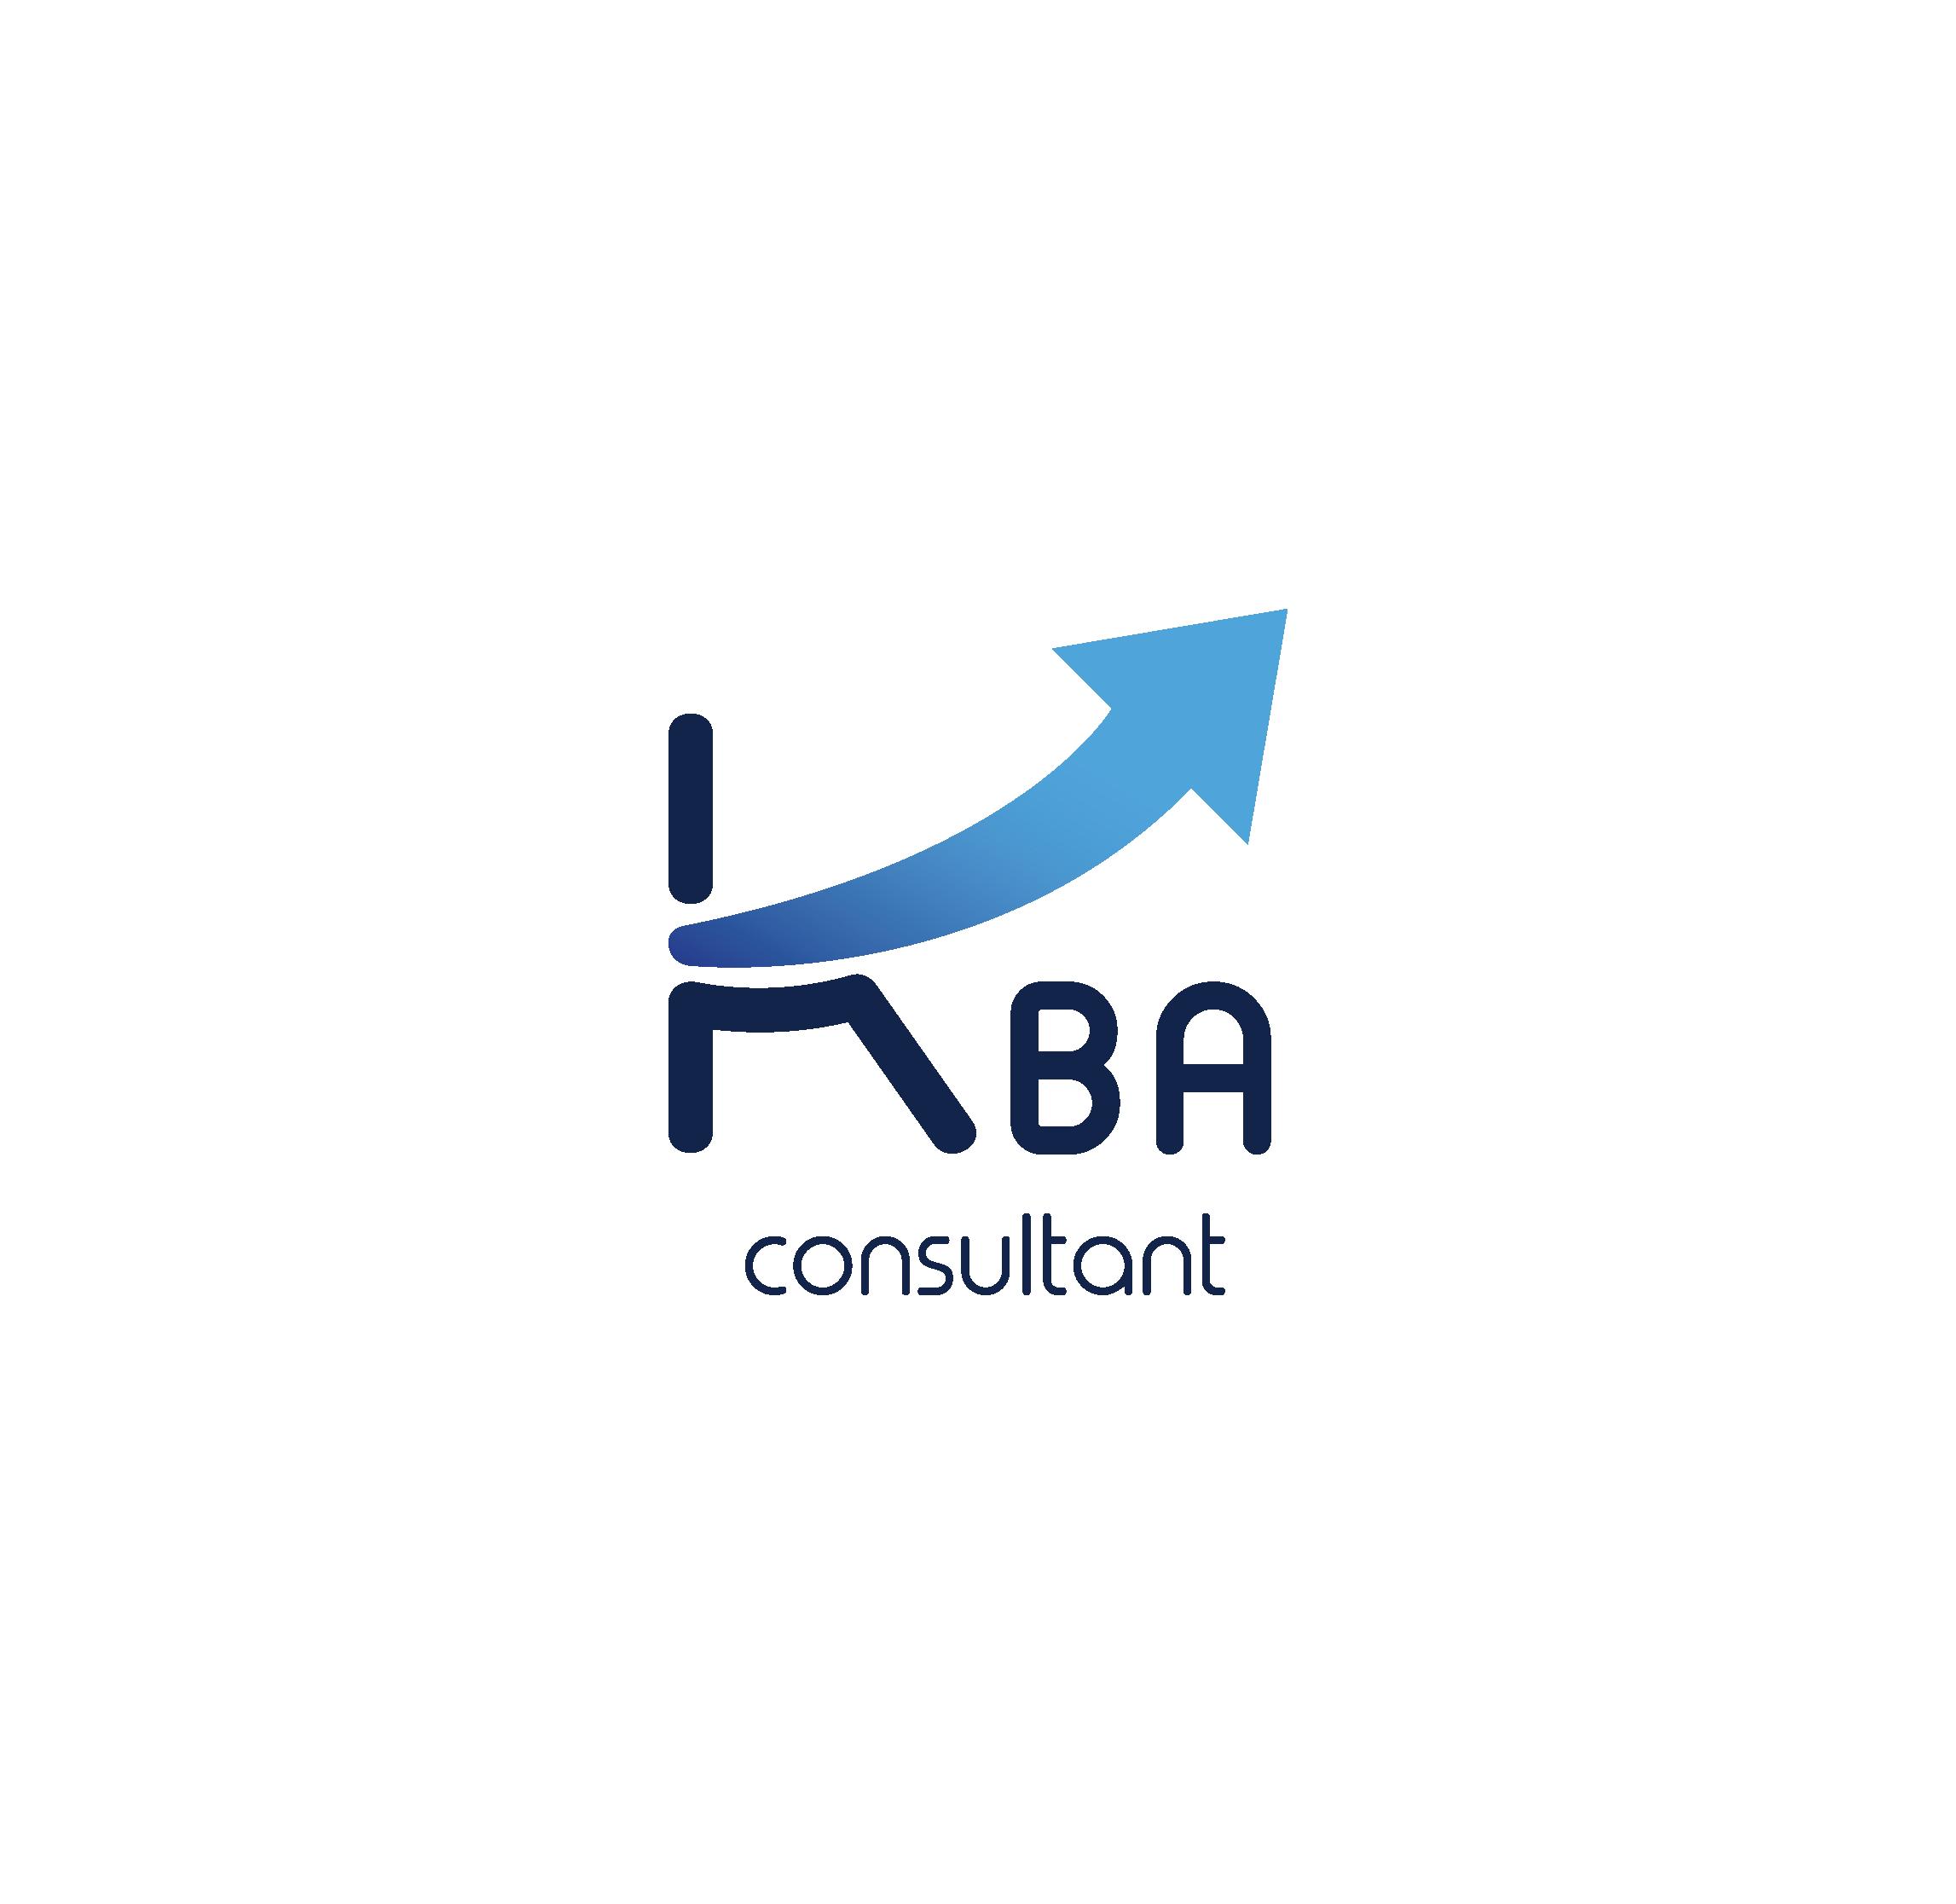 KBA Consultant